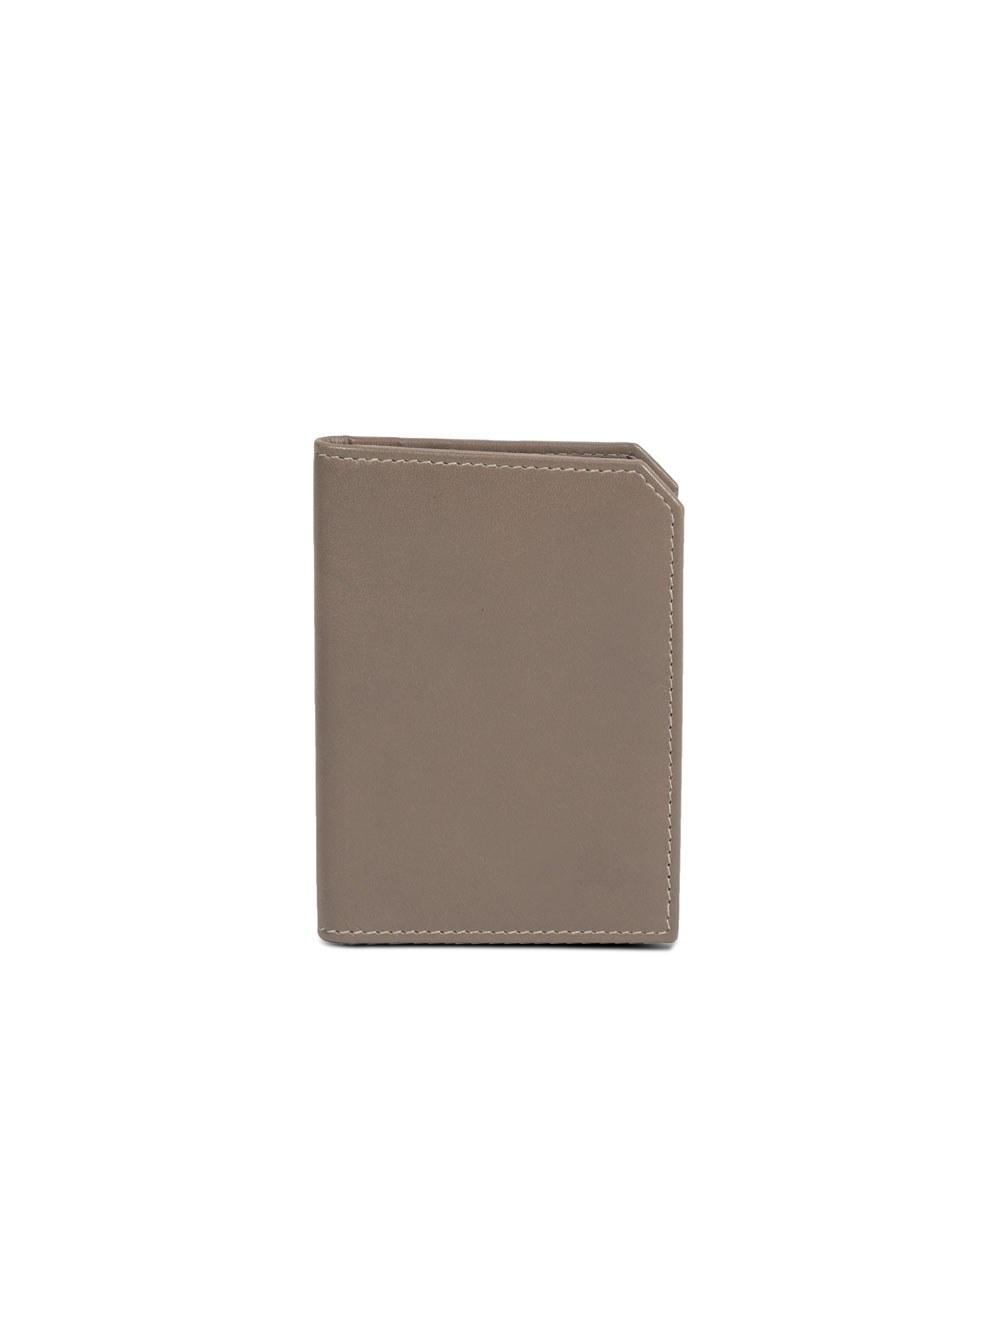 Credit Card Holder Bi-Fold